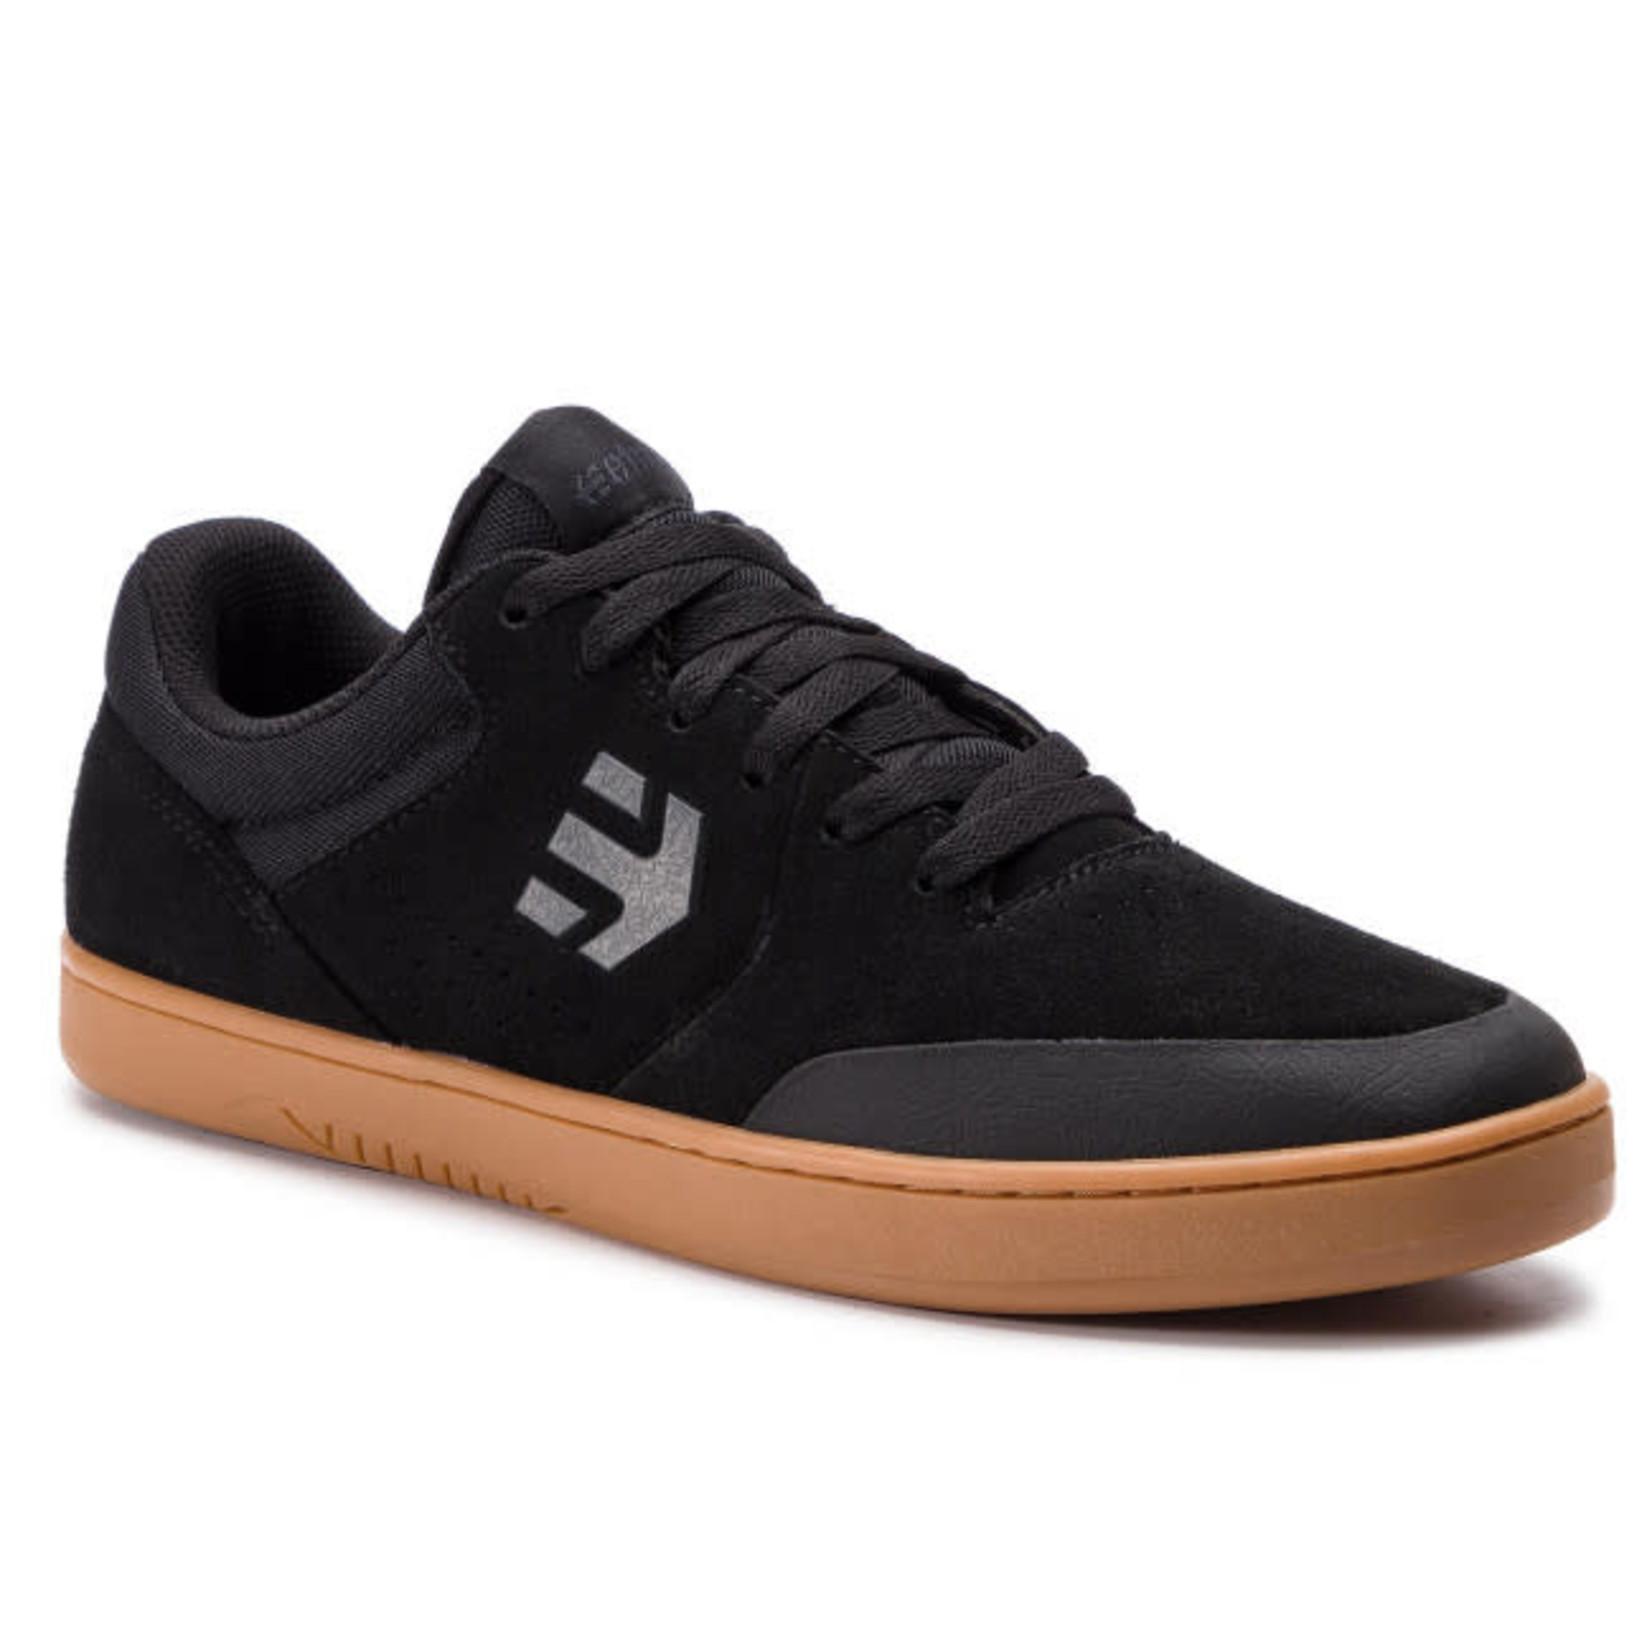 Etnies Etnies Casual Shoes, Marana, Mens, 566-Blk/Dark Gry/Gum